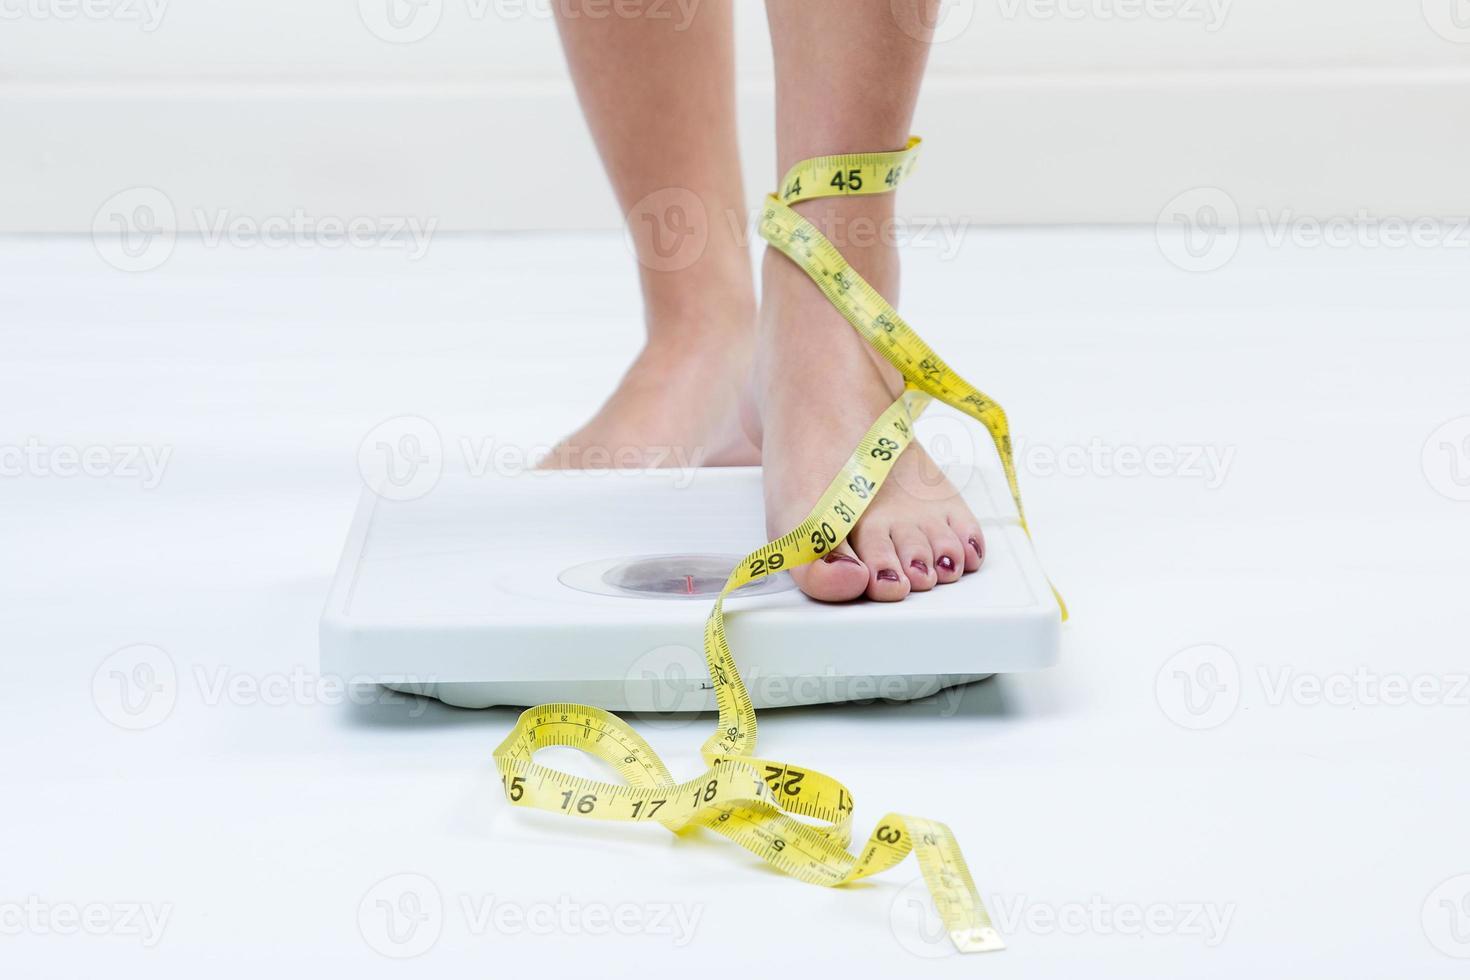 pés femininos em pé em uma balança de banheiro e fita métrica foto